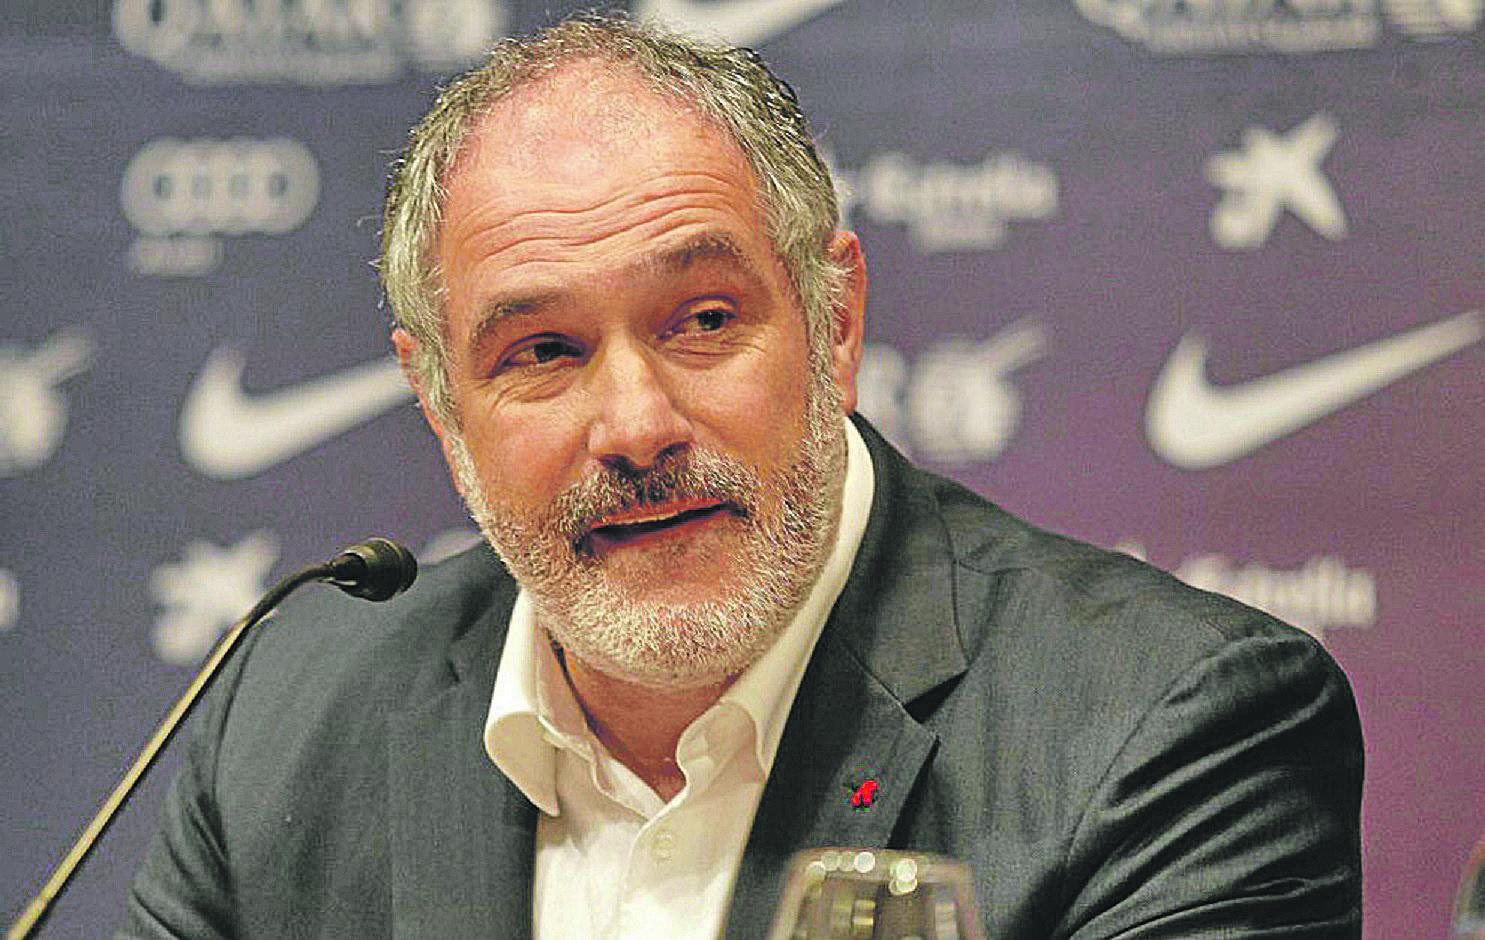 Andoni Zubizarreta provocó una situación interna que facilitó el fichaje de Asensio para el Real Madrid.